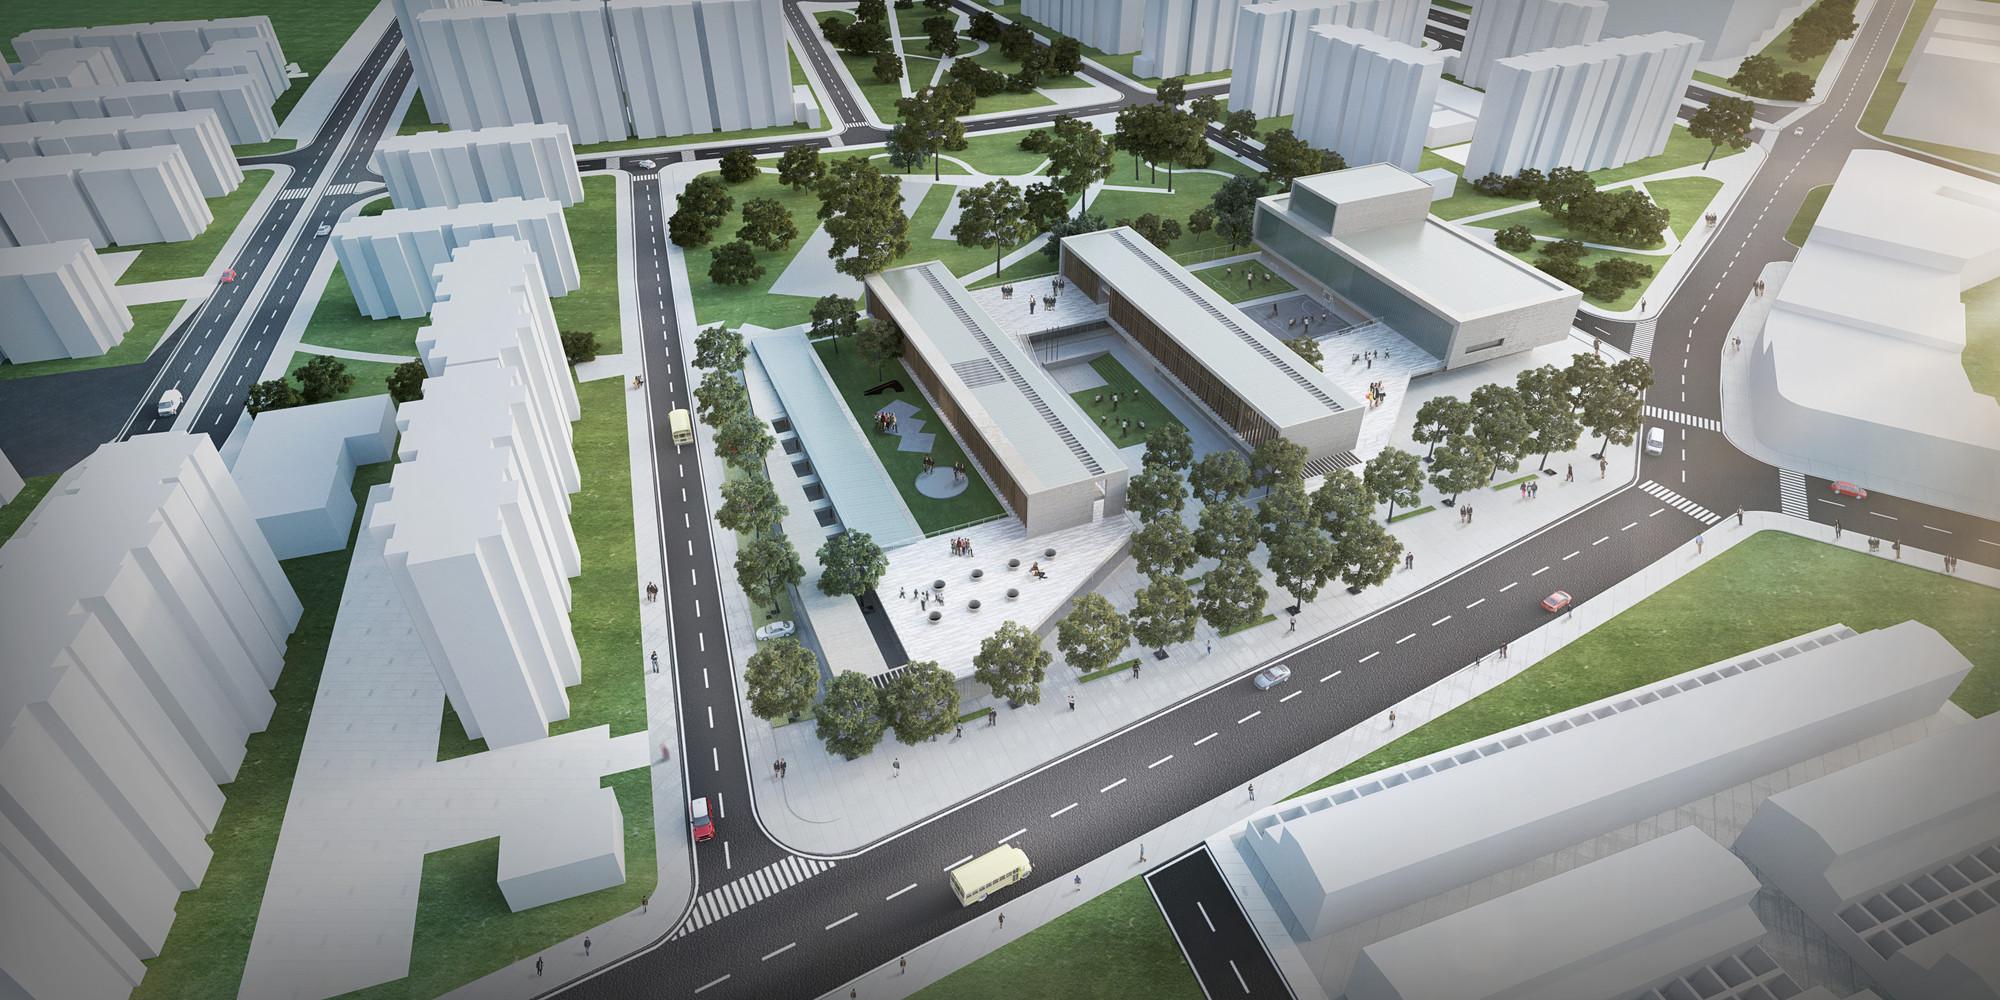 Courtesy of JAC arquitectos + Mauricio Bravo Coral